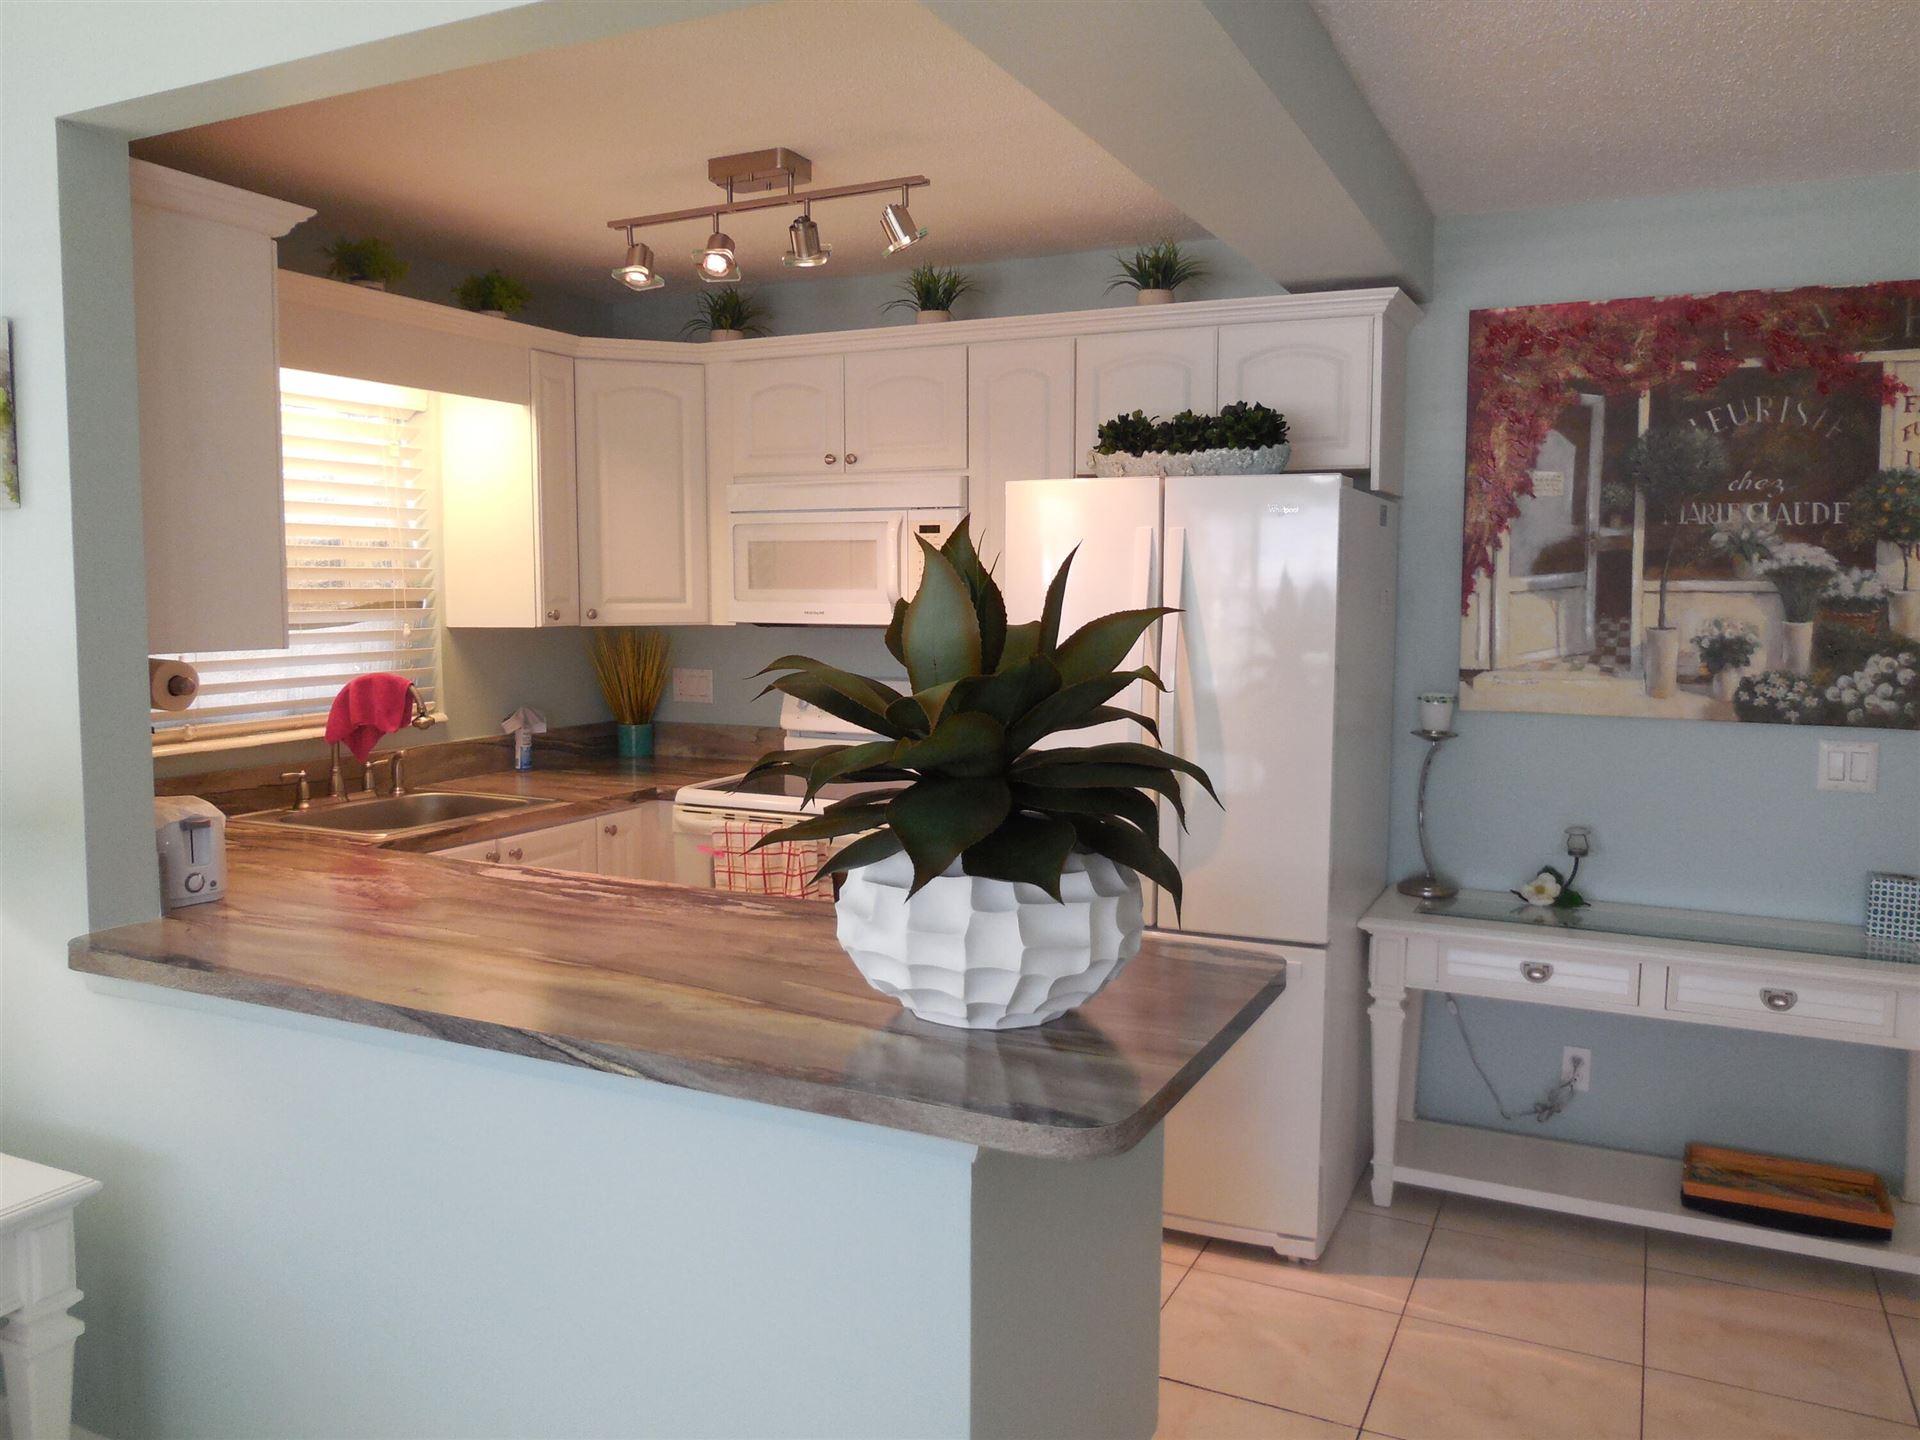 424 Windsor R, West Palm Beach, FL 33417 - #: RX-10718272